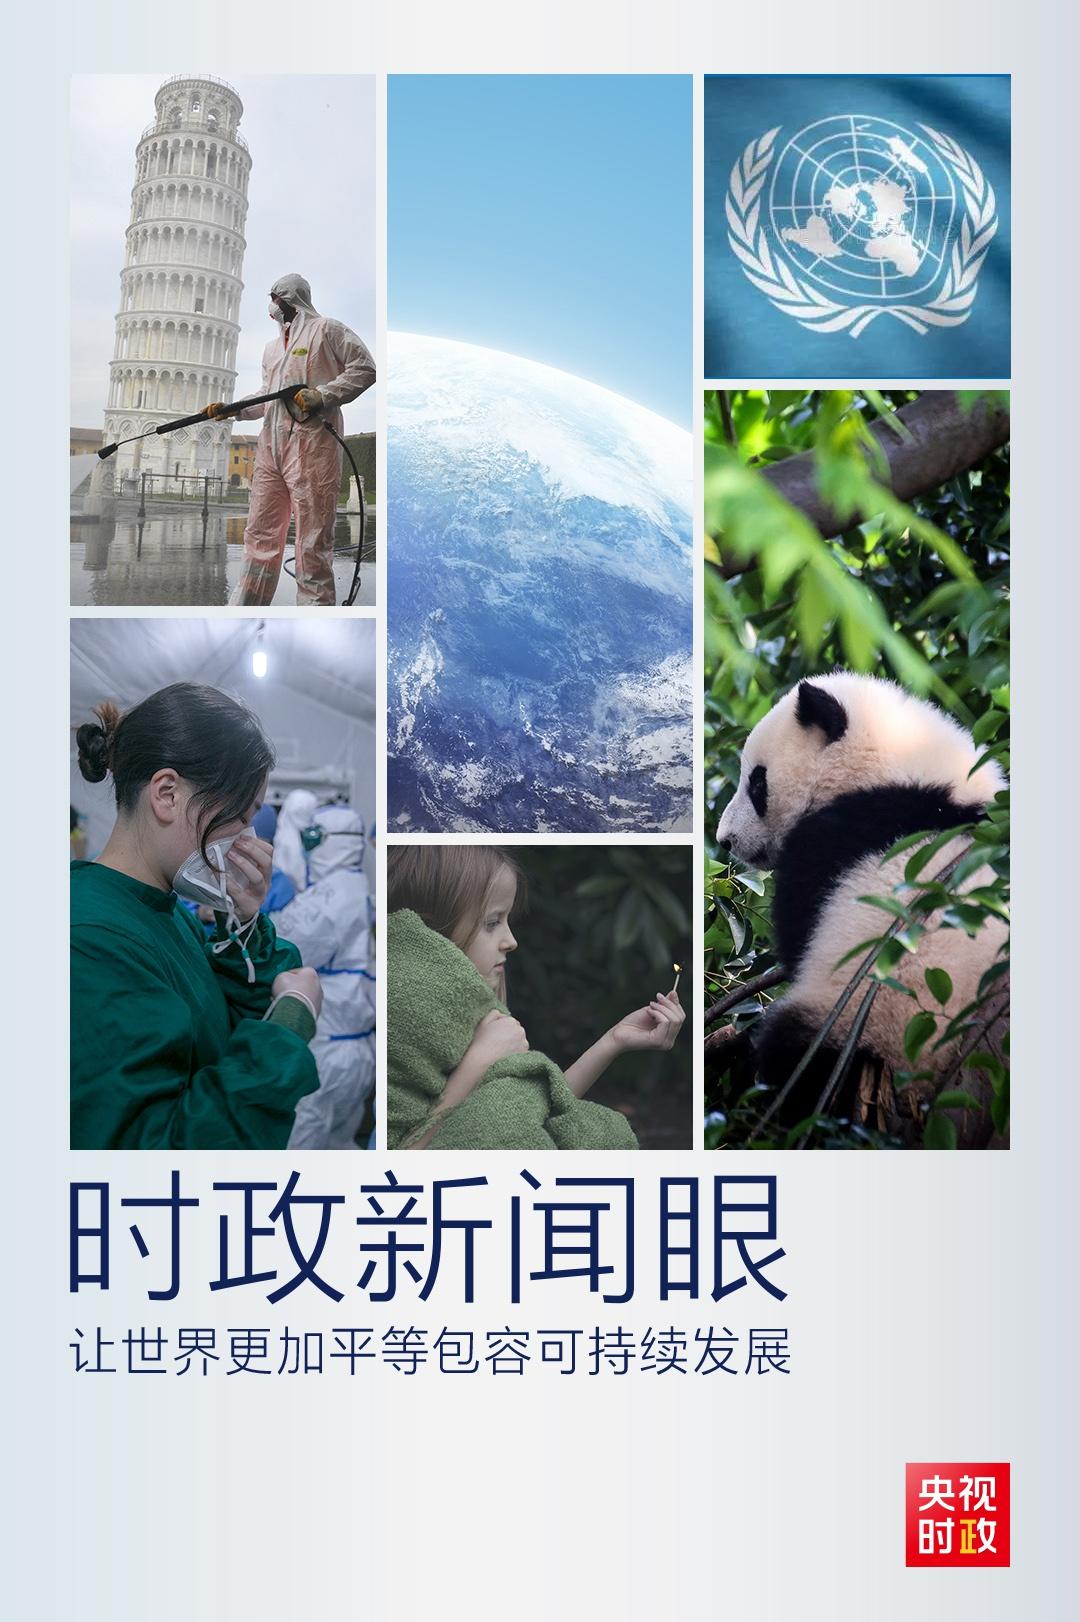 从这句话读懂联合国大会上的中国主张图片